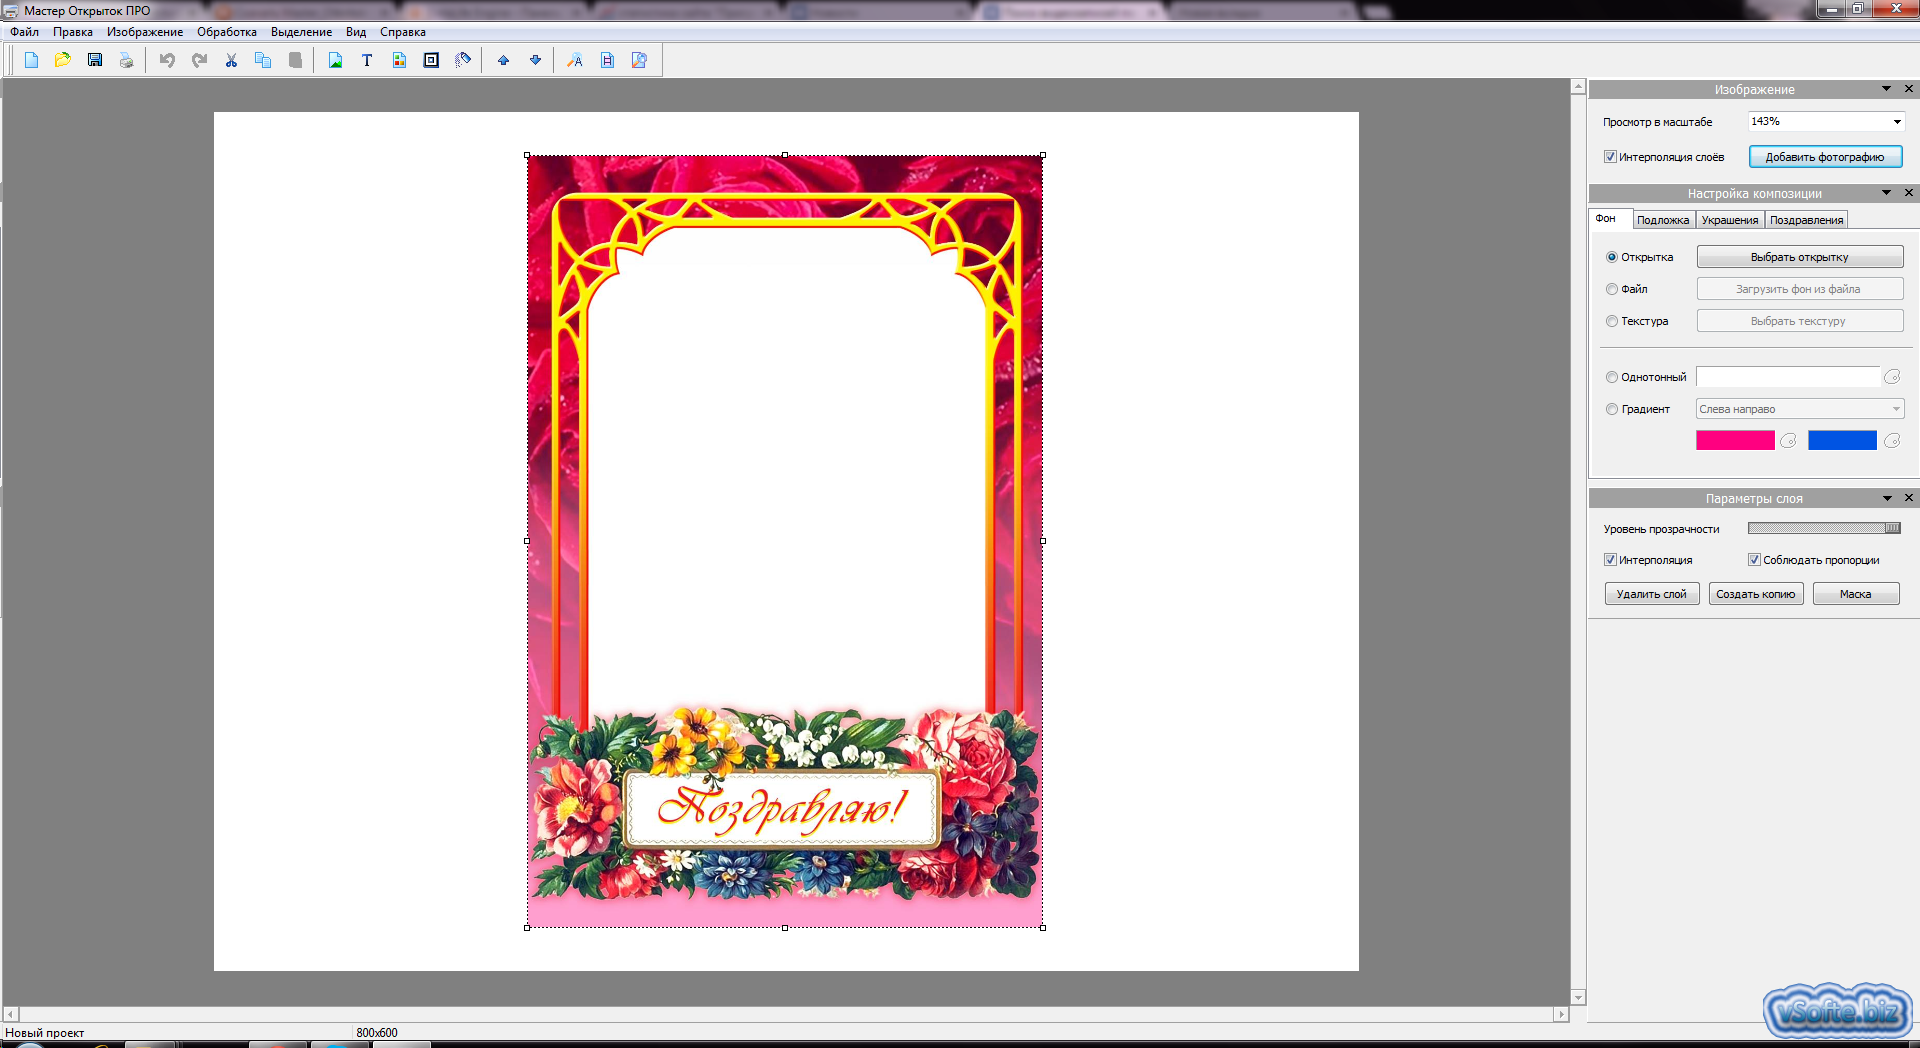 Сделать фотку как открытку онлайн